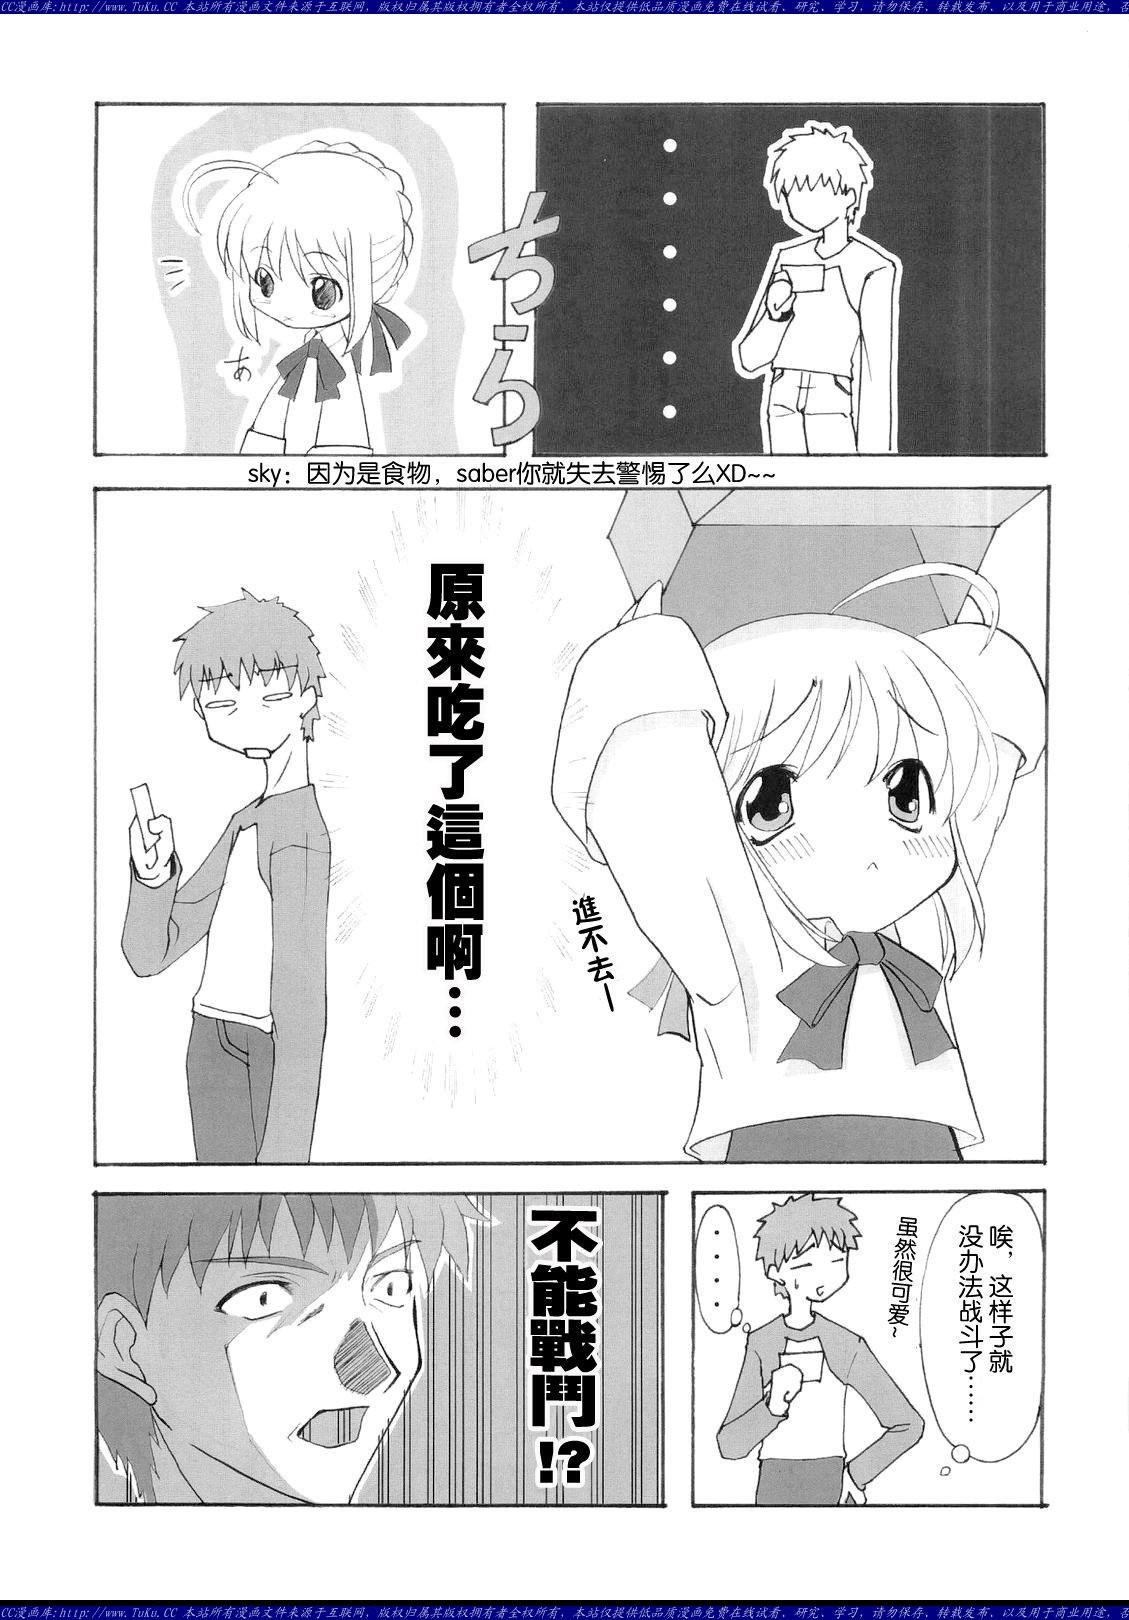 Fate厕所同人saber变小了漫画学校漫画在图片